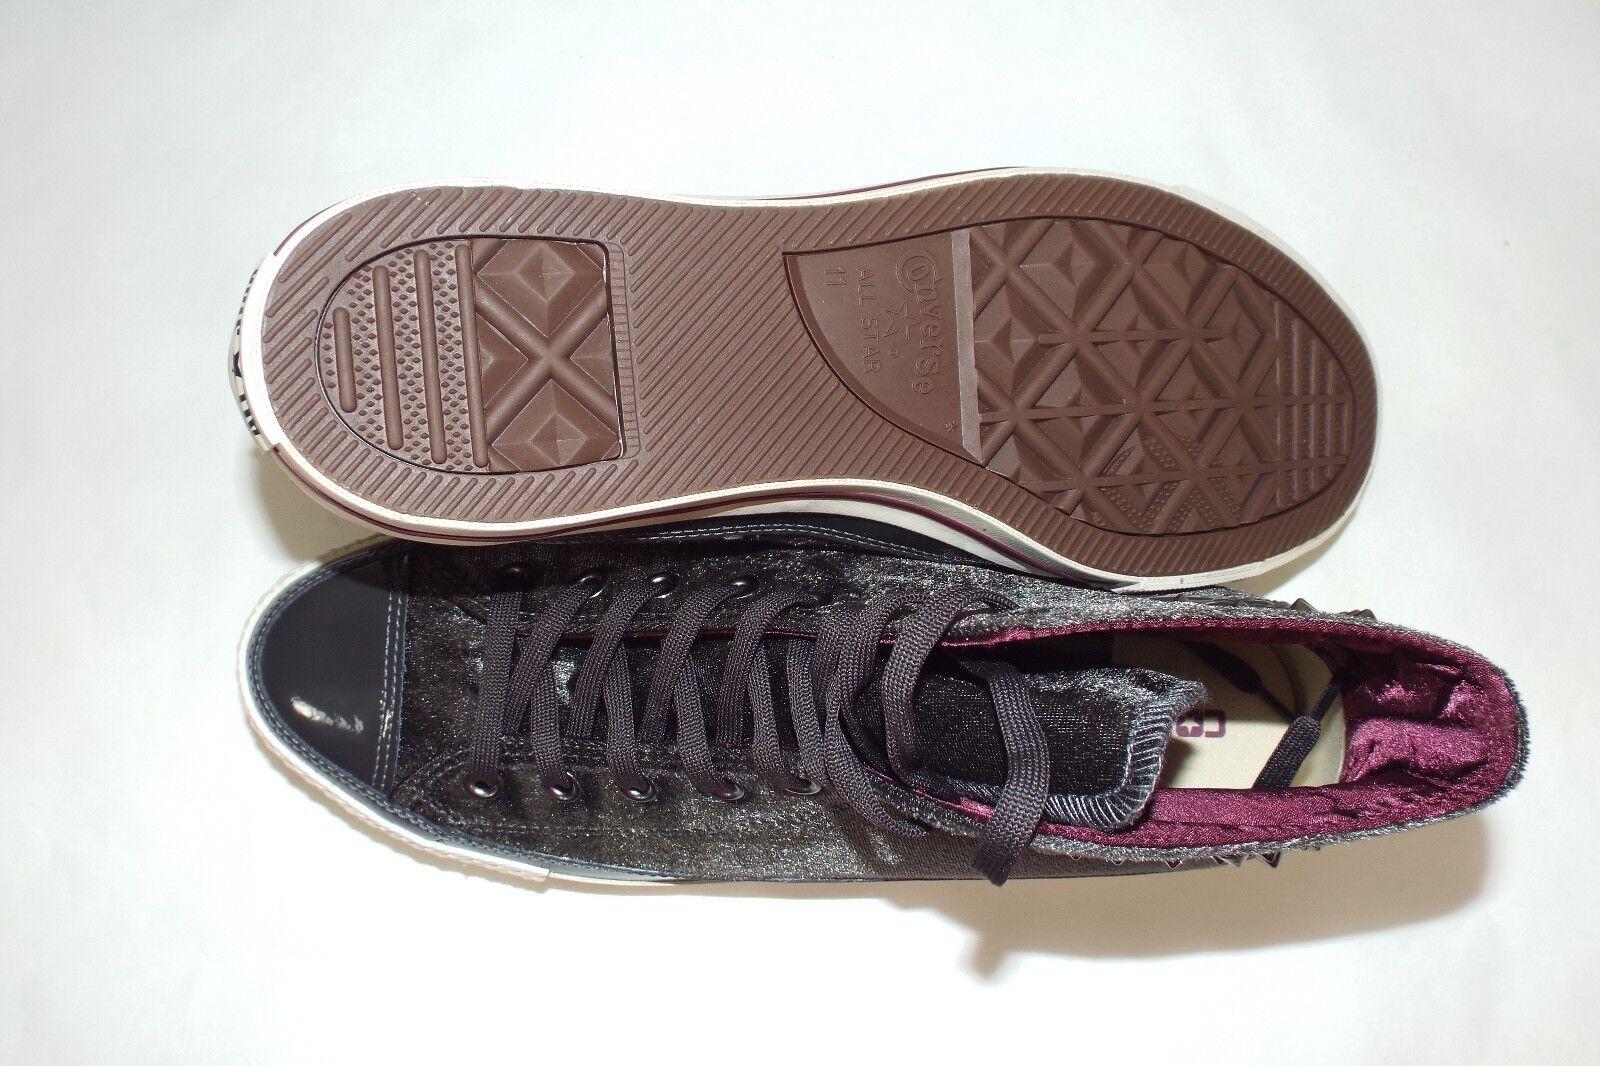 New Damenschuhe CONVERSE 9 CT Hi Charcoal Velvet  Basketball Schuhes 100 141620C  Velvet  Herren 7 12756a